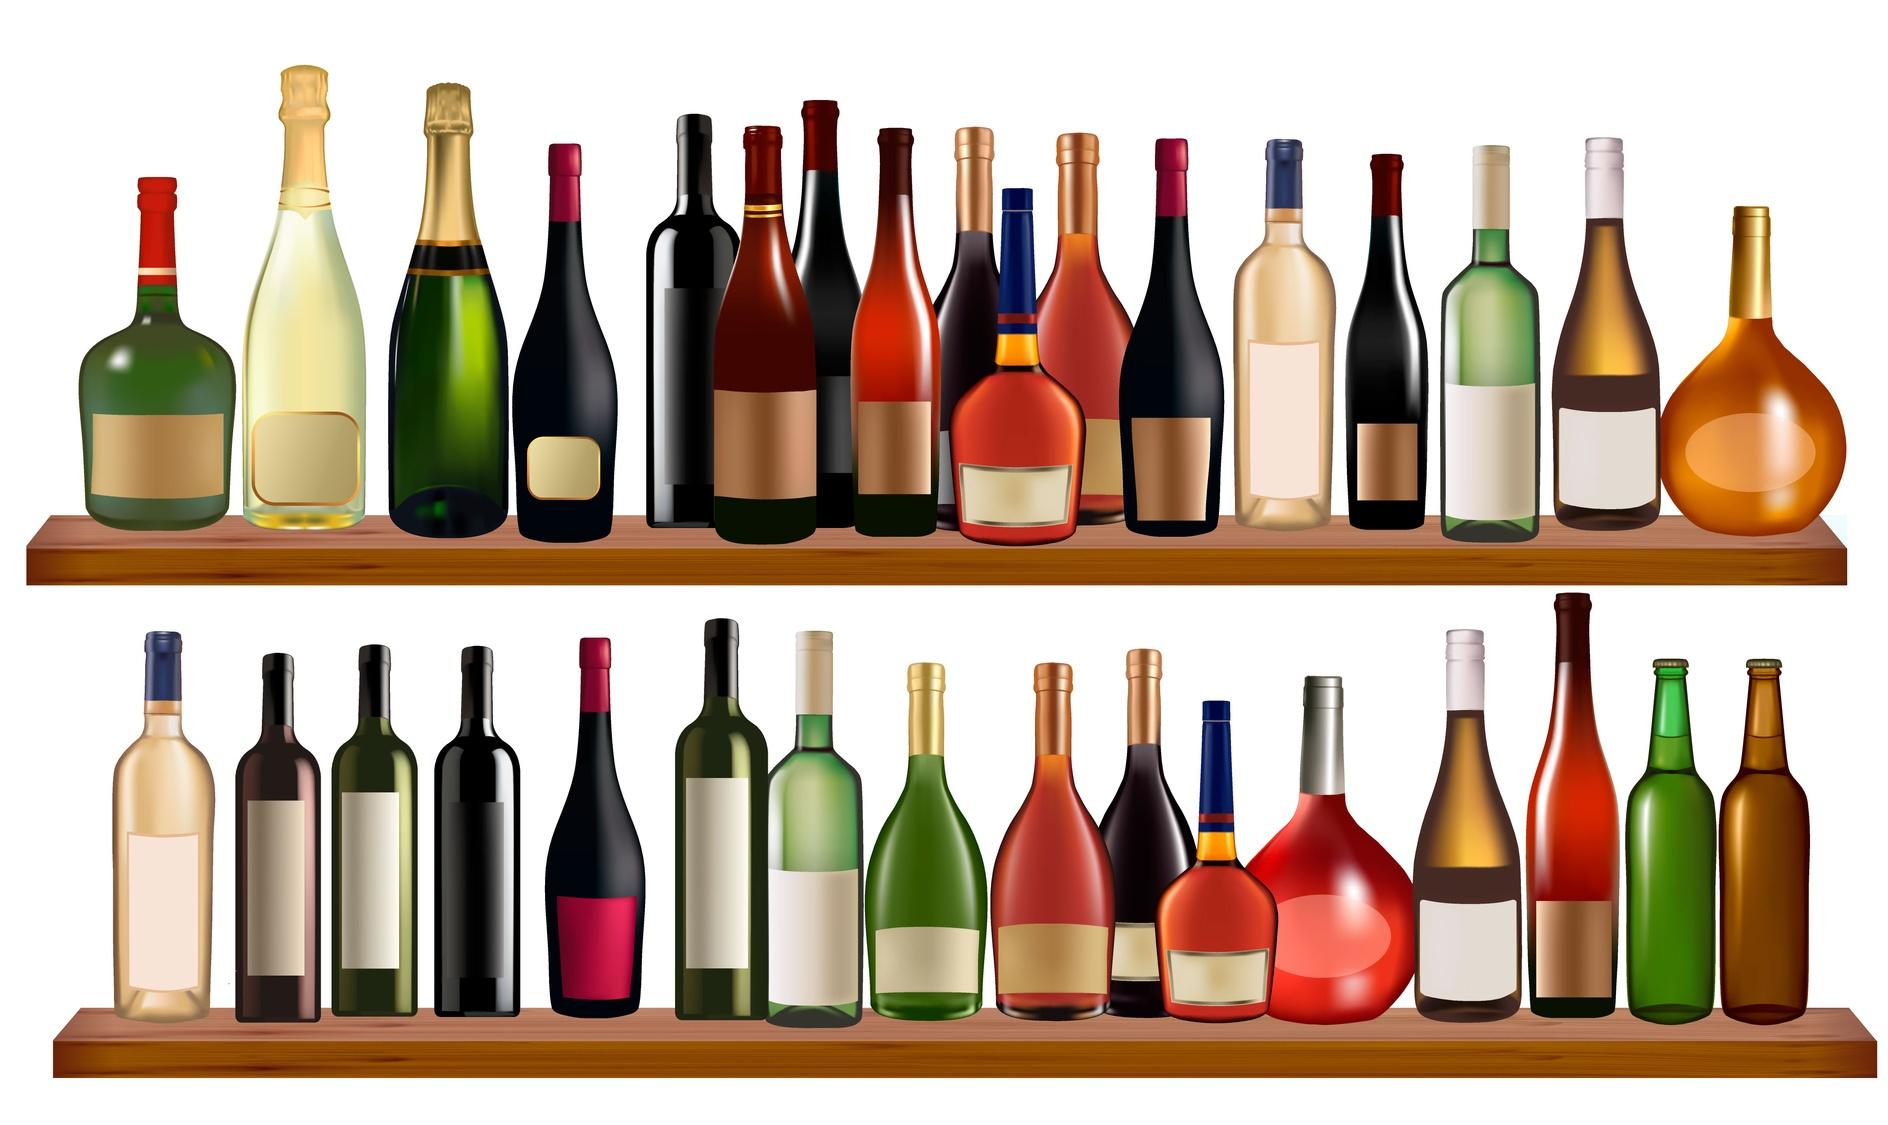 toutes ces bouteilles seront bient t personnalisables. Black Bedroom Furniture Sets. Home Design Ideas